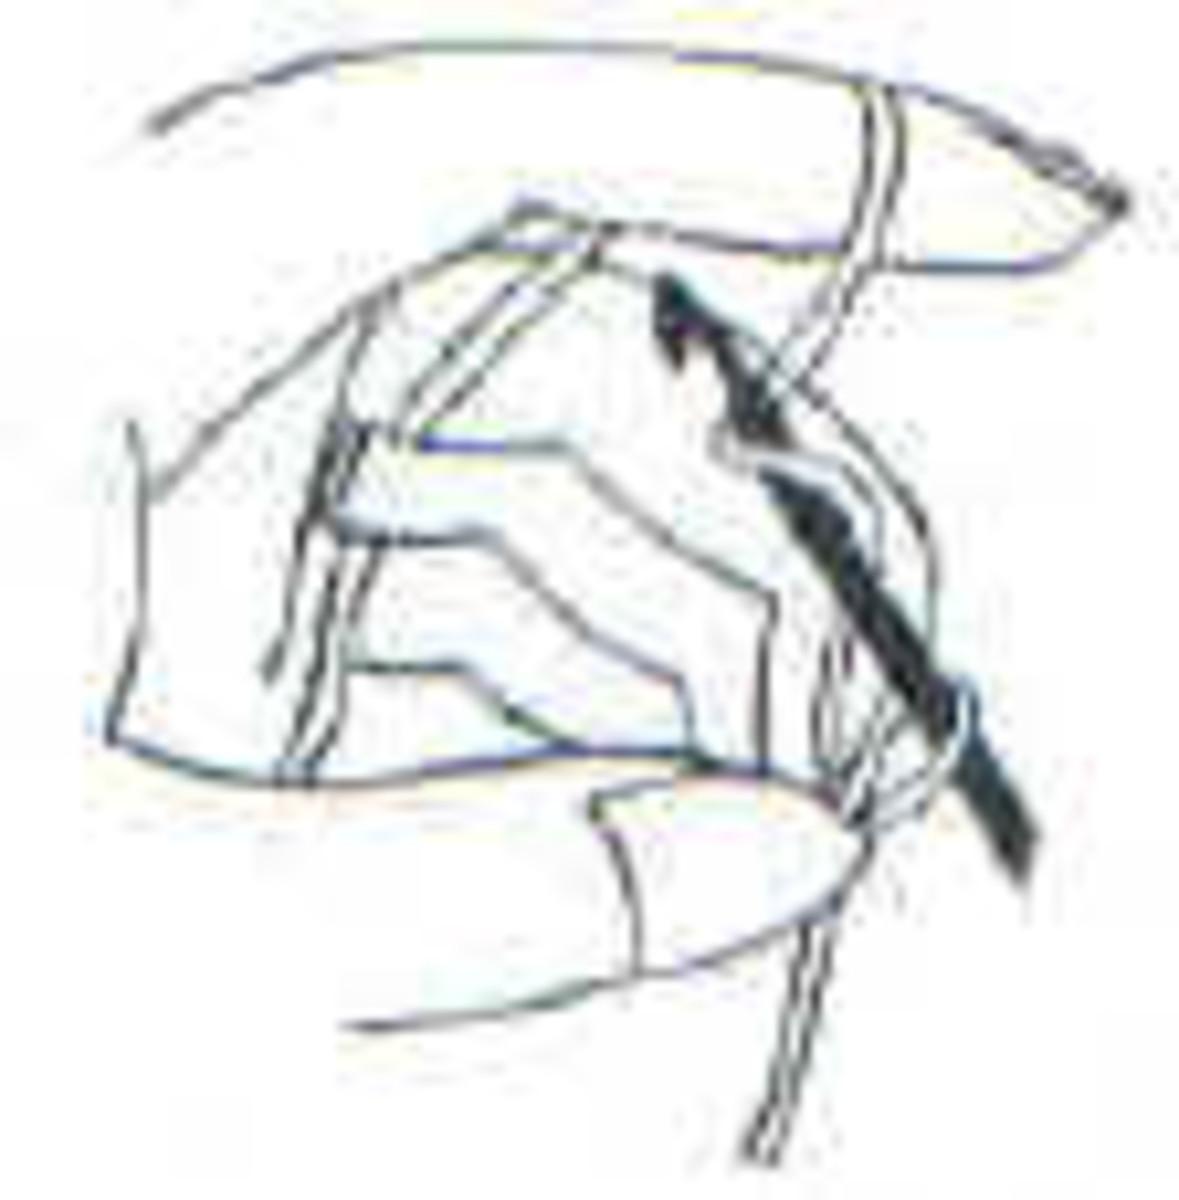 Loop yarn around hook and pull yarn through loop on hook.